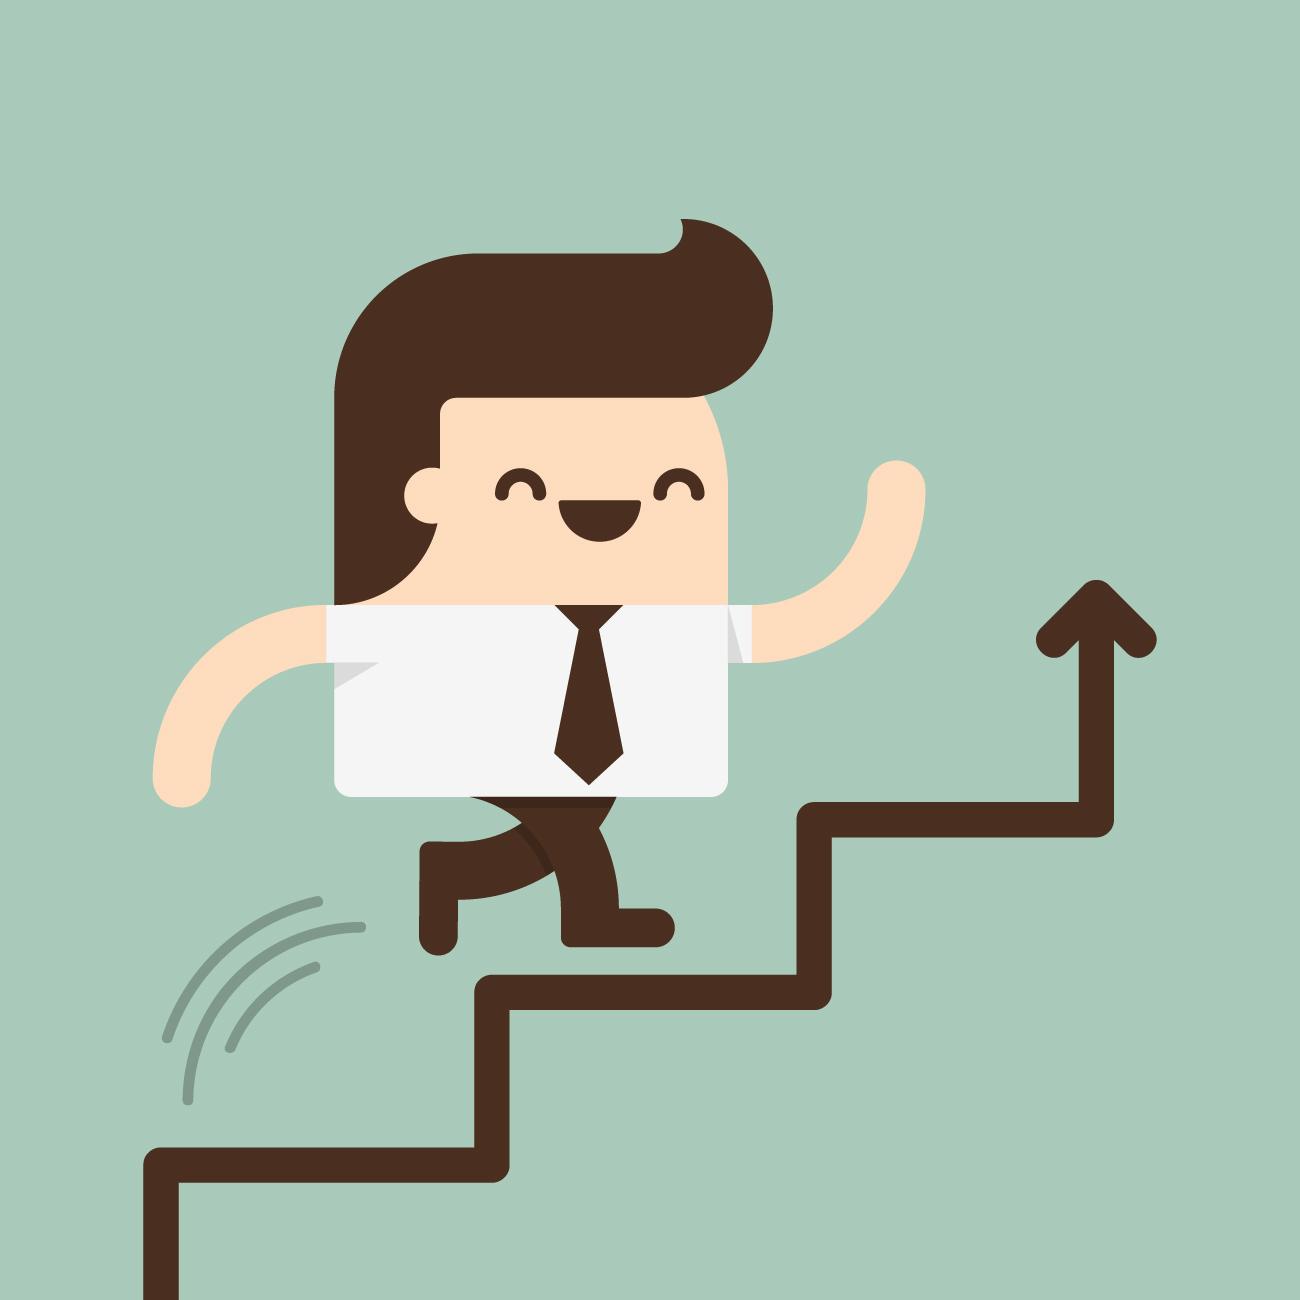 Skalbarhet skapar nya möjligheter. Bild: Dooder / Freepik